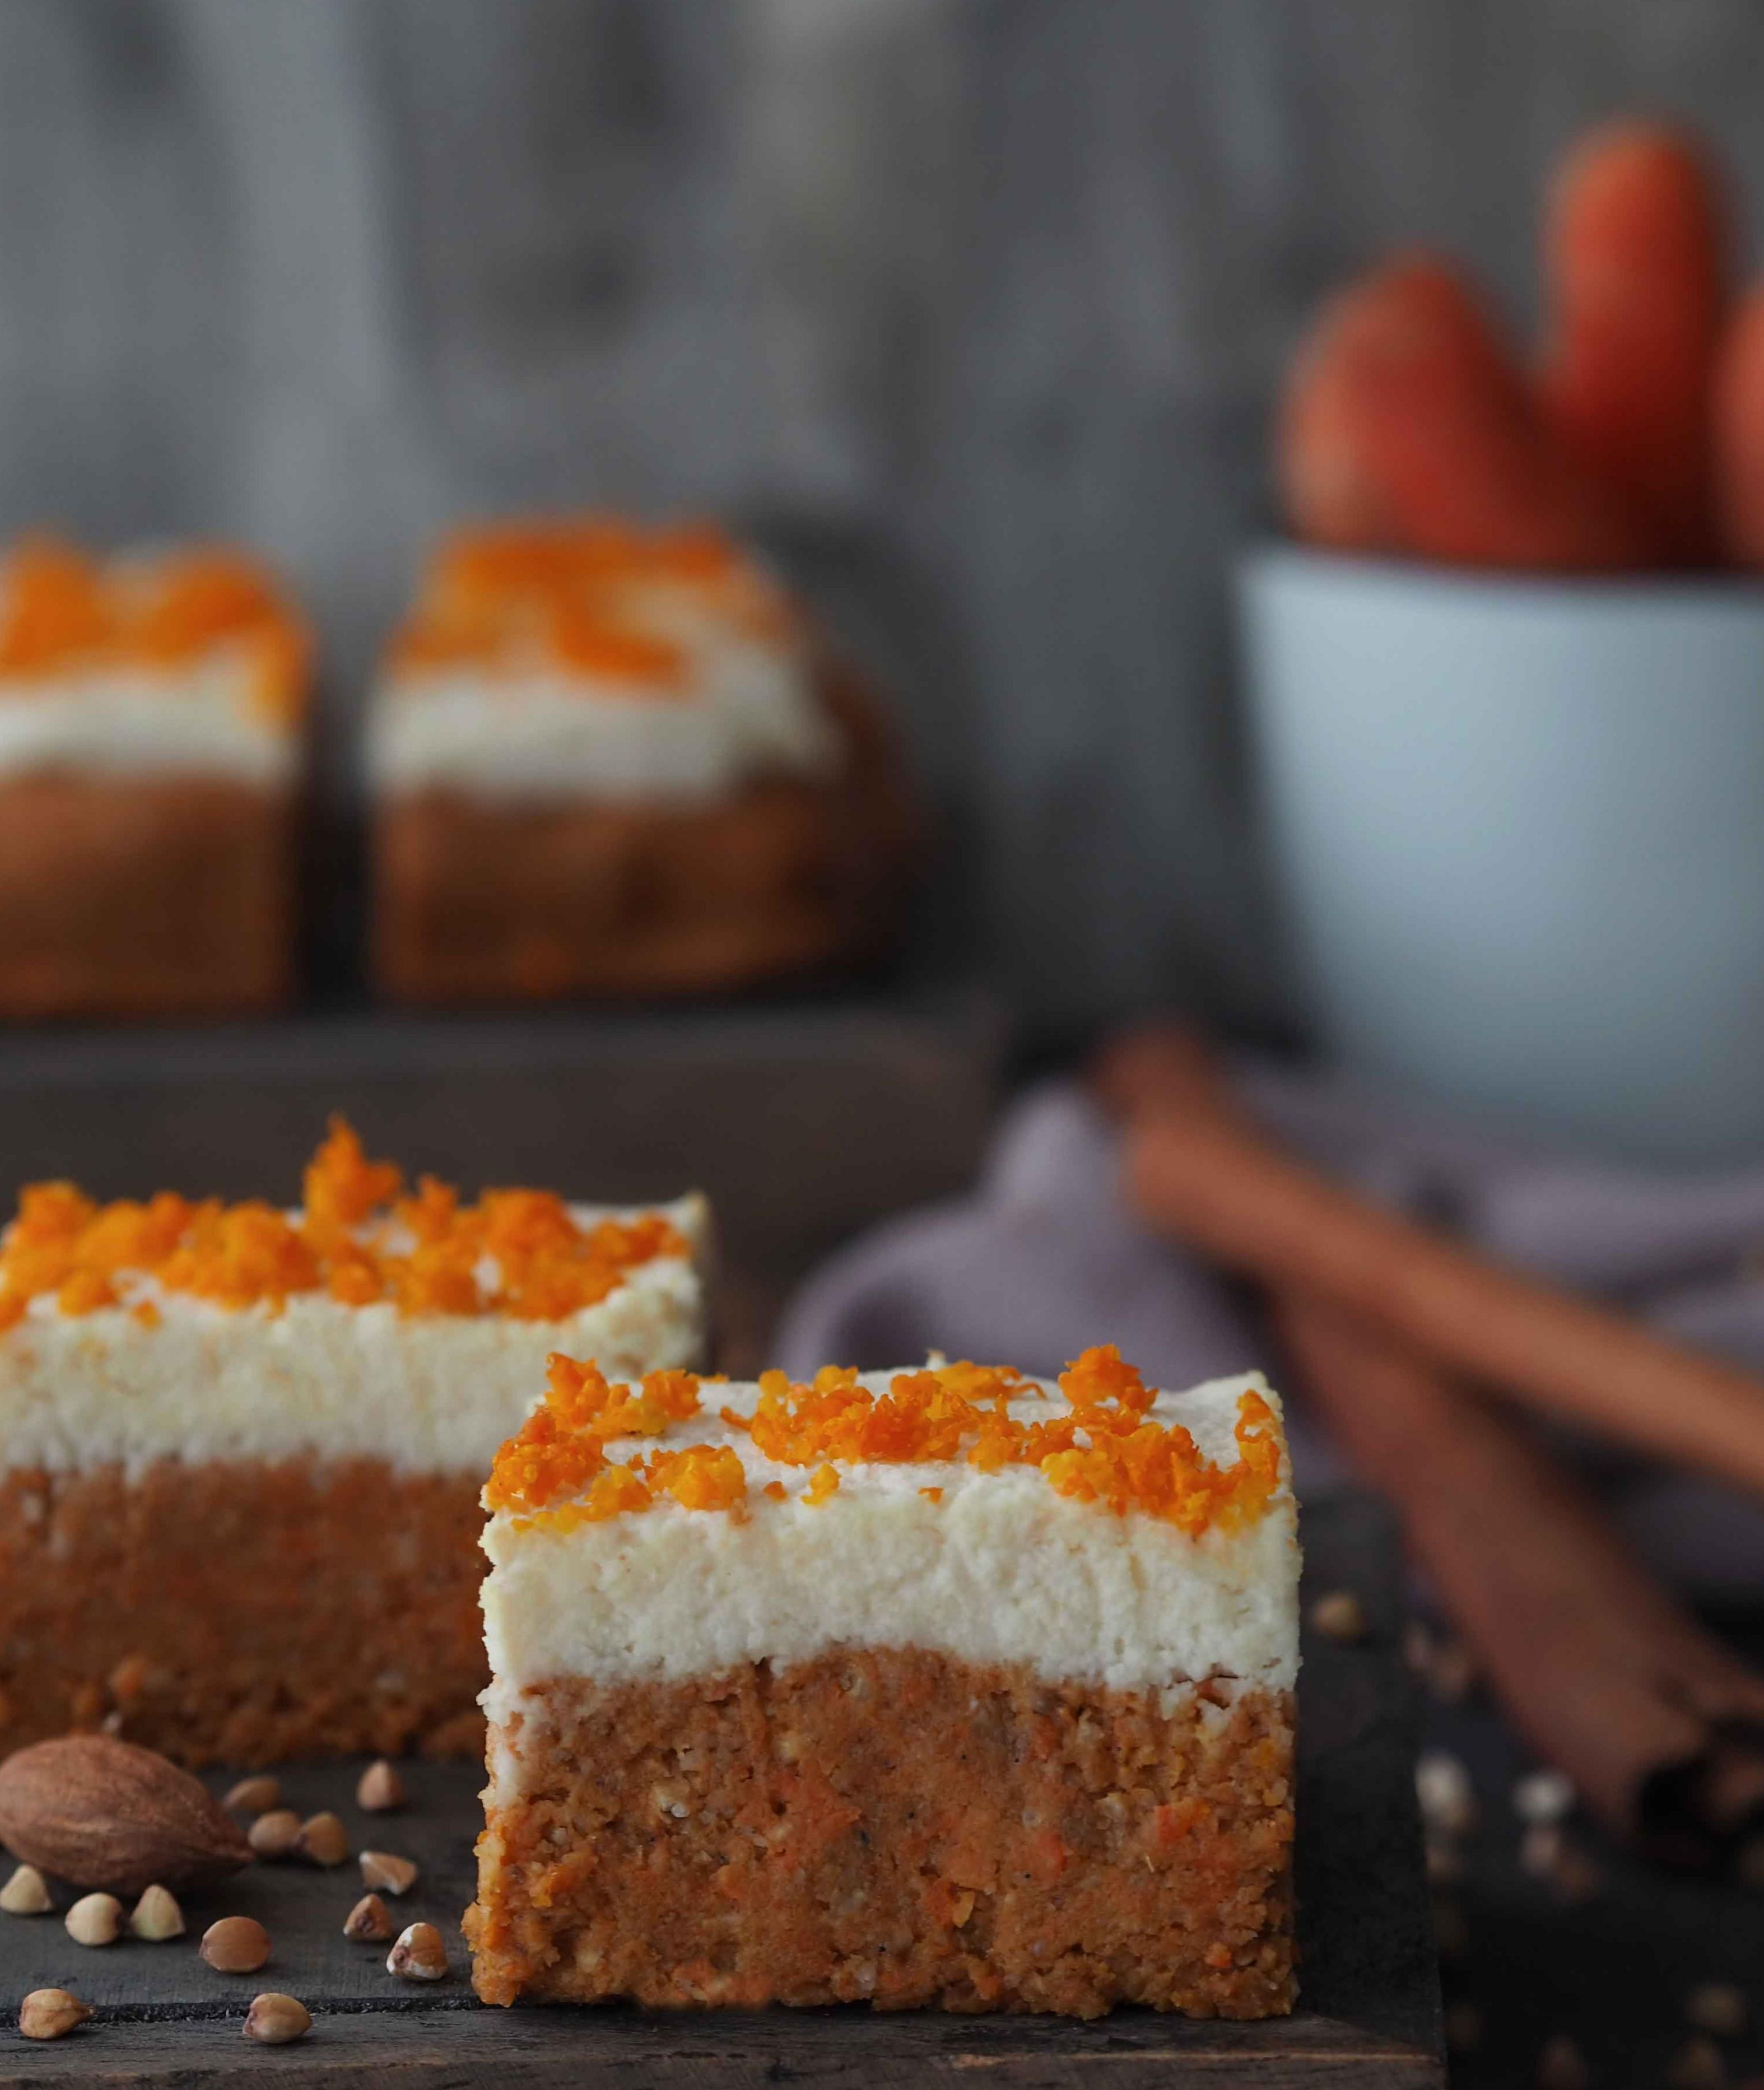 Carrot-Bites-03-03-2020-2